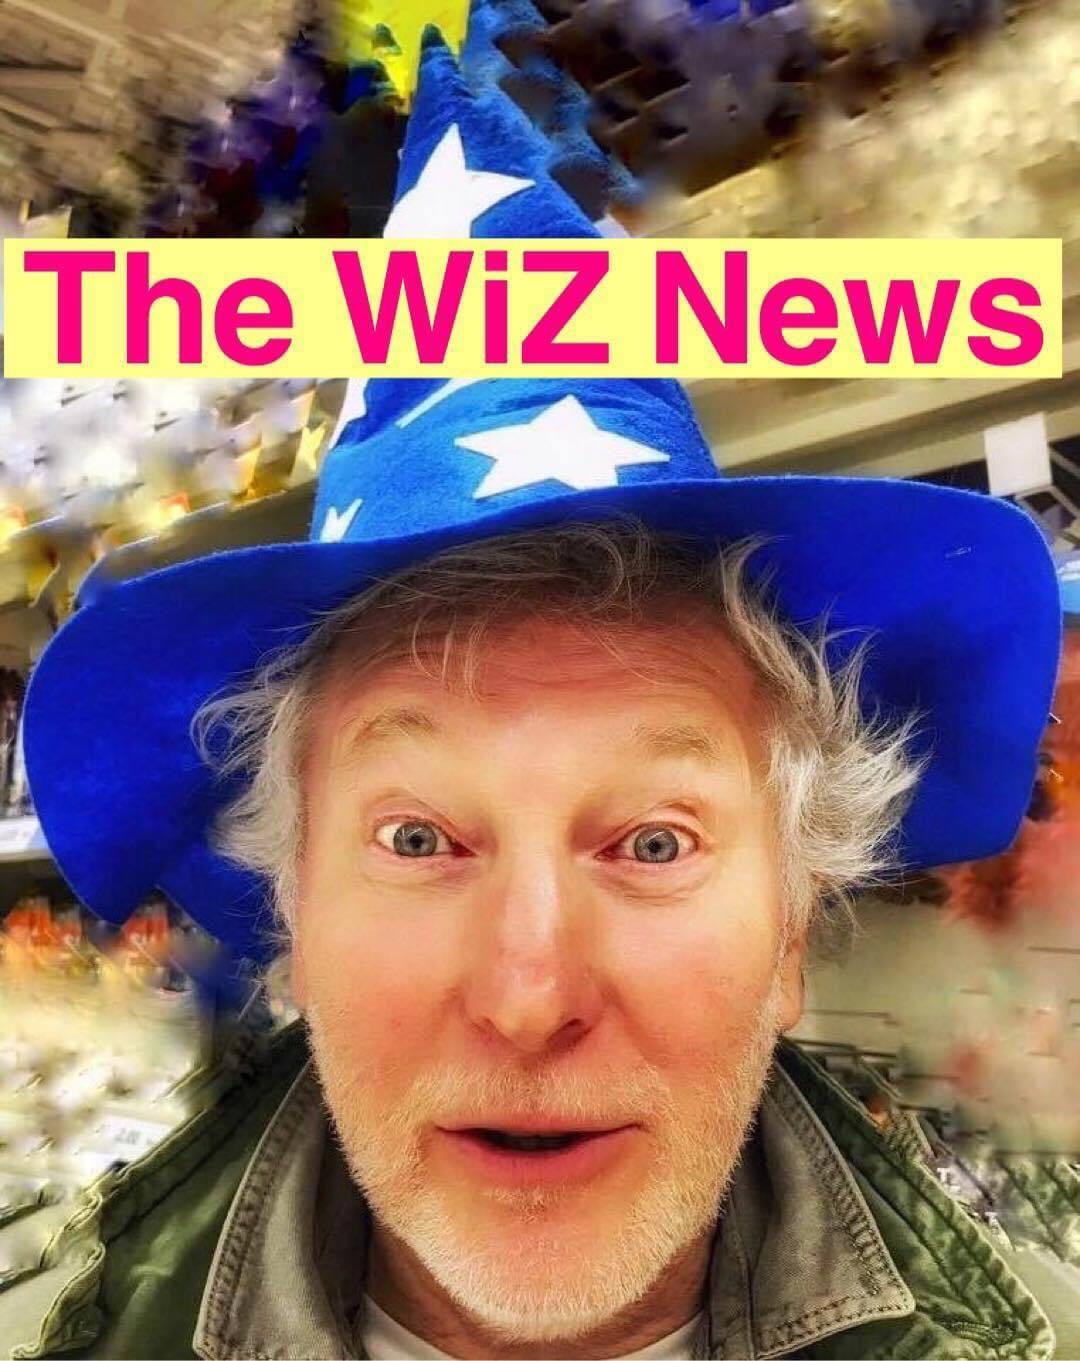 Wiz news